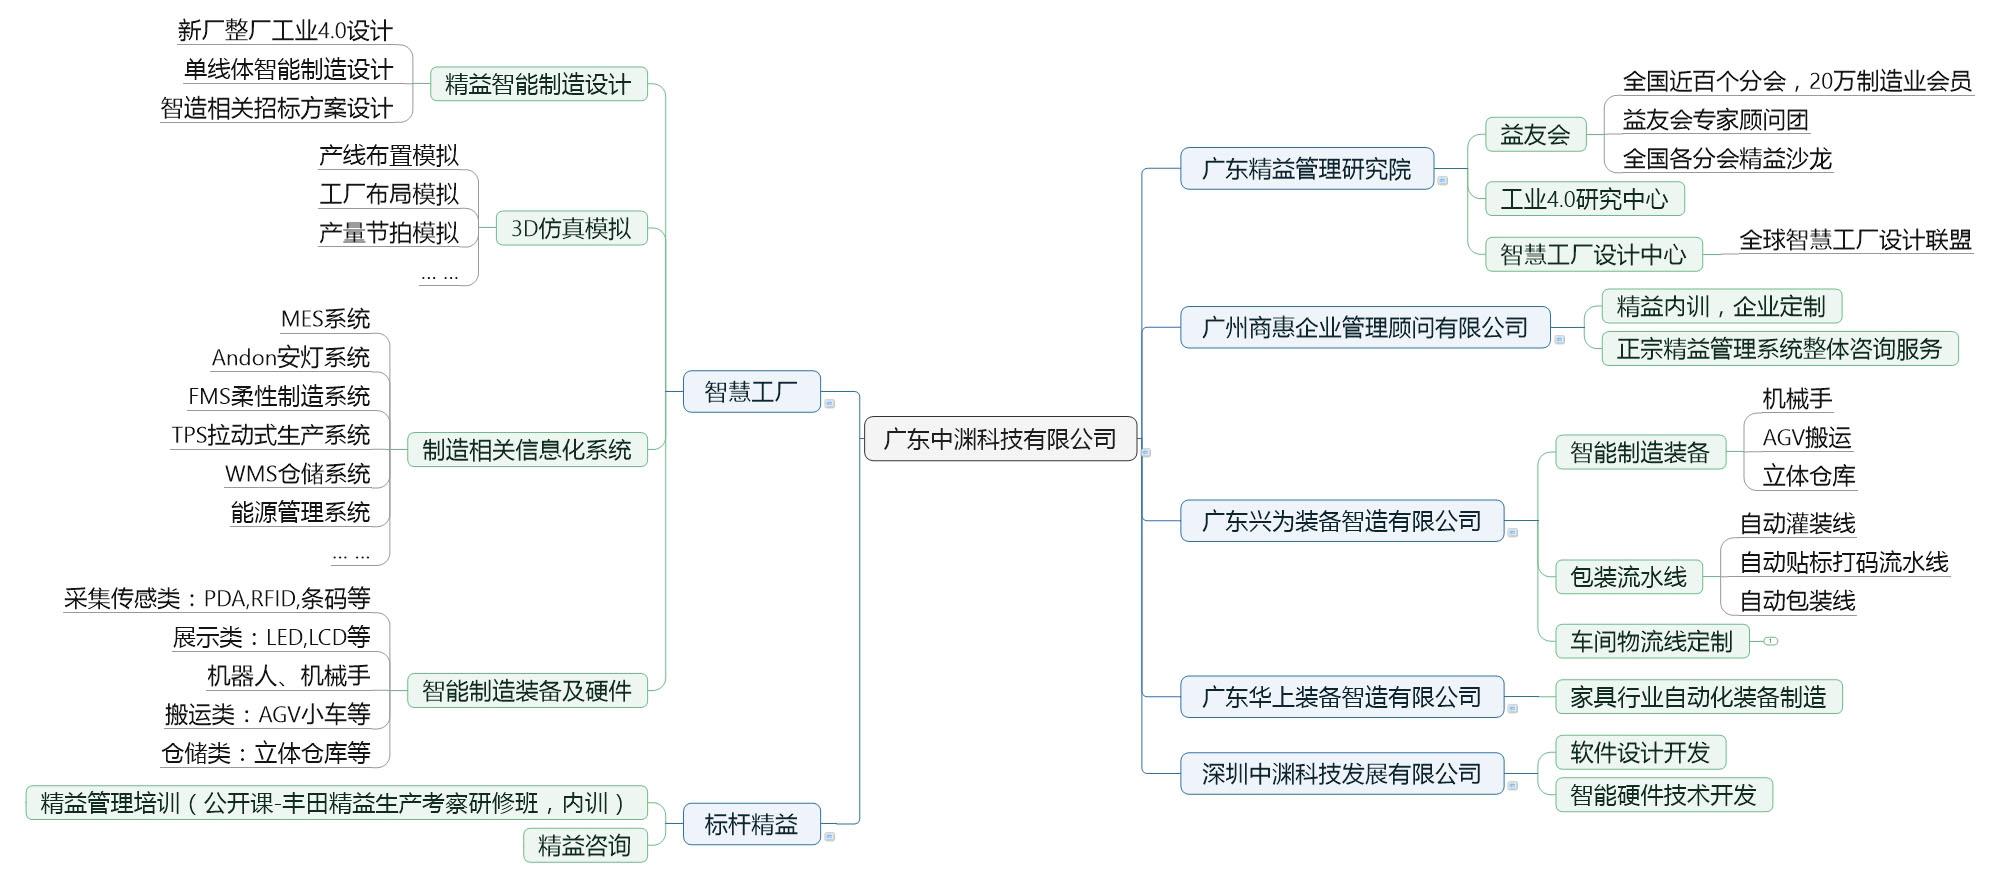 海尔公司职能制组织结构框架图